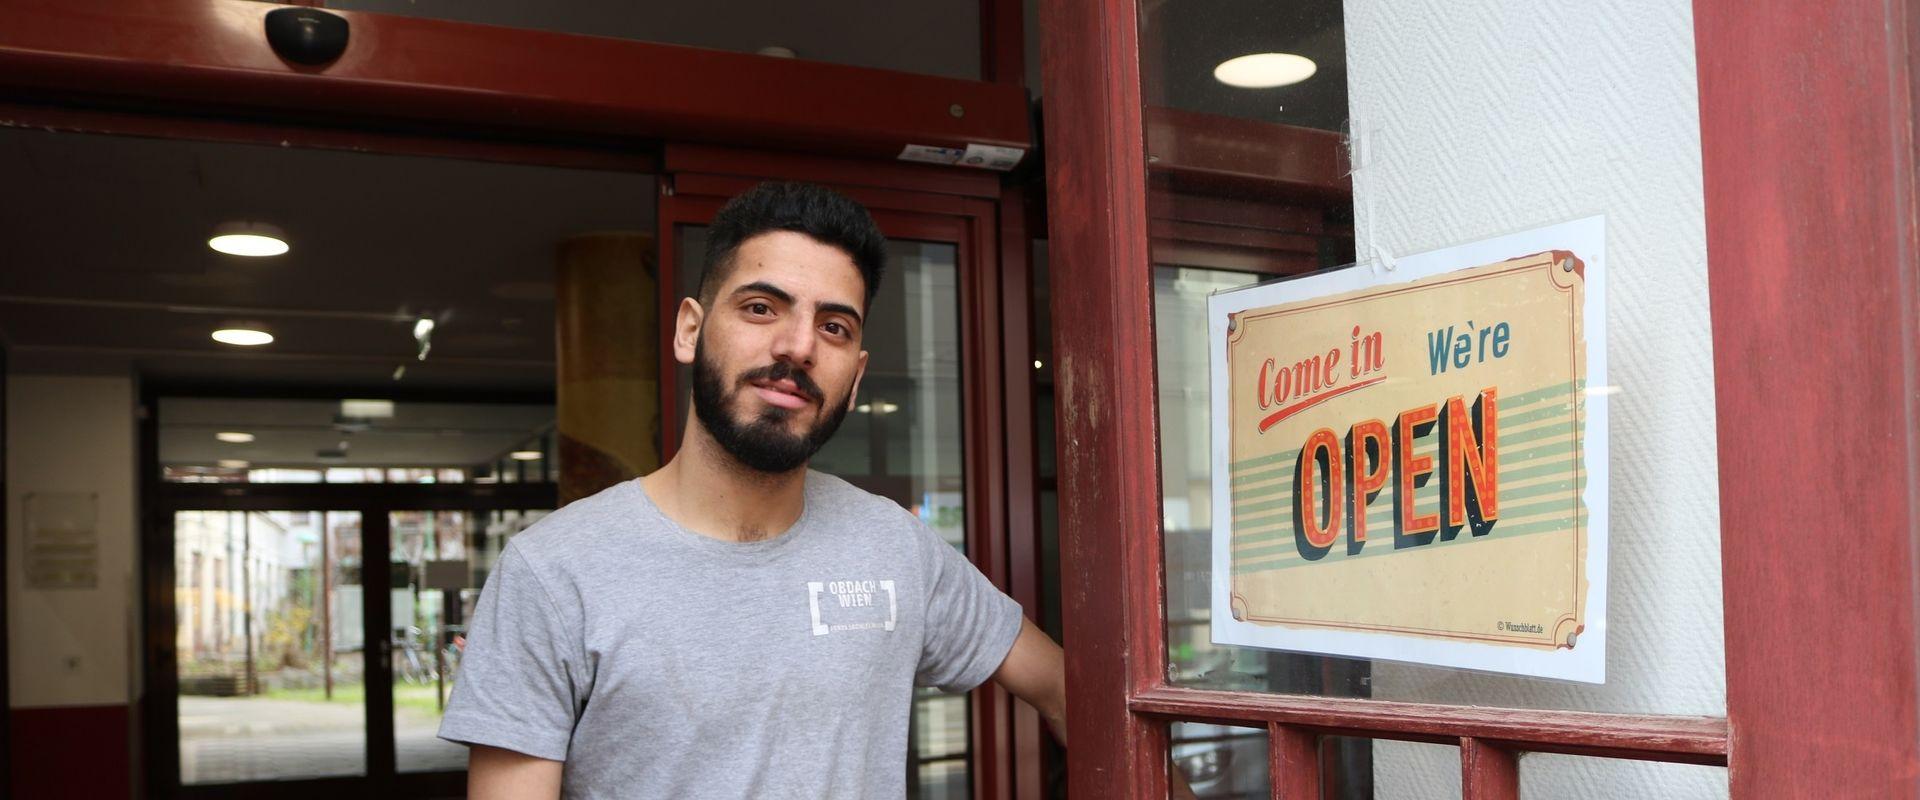 Omid, einer der Trainees, freut sich auf Kundschaft.